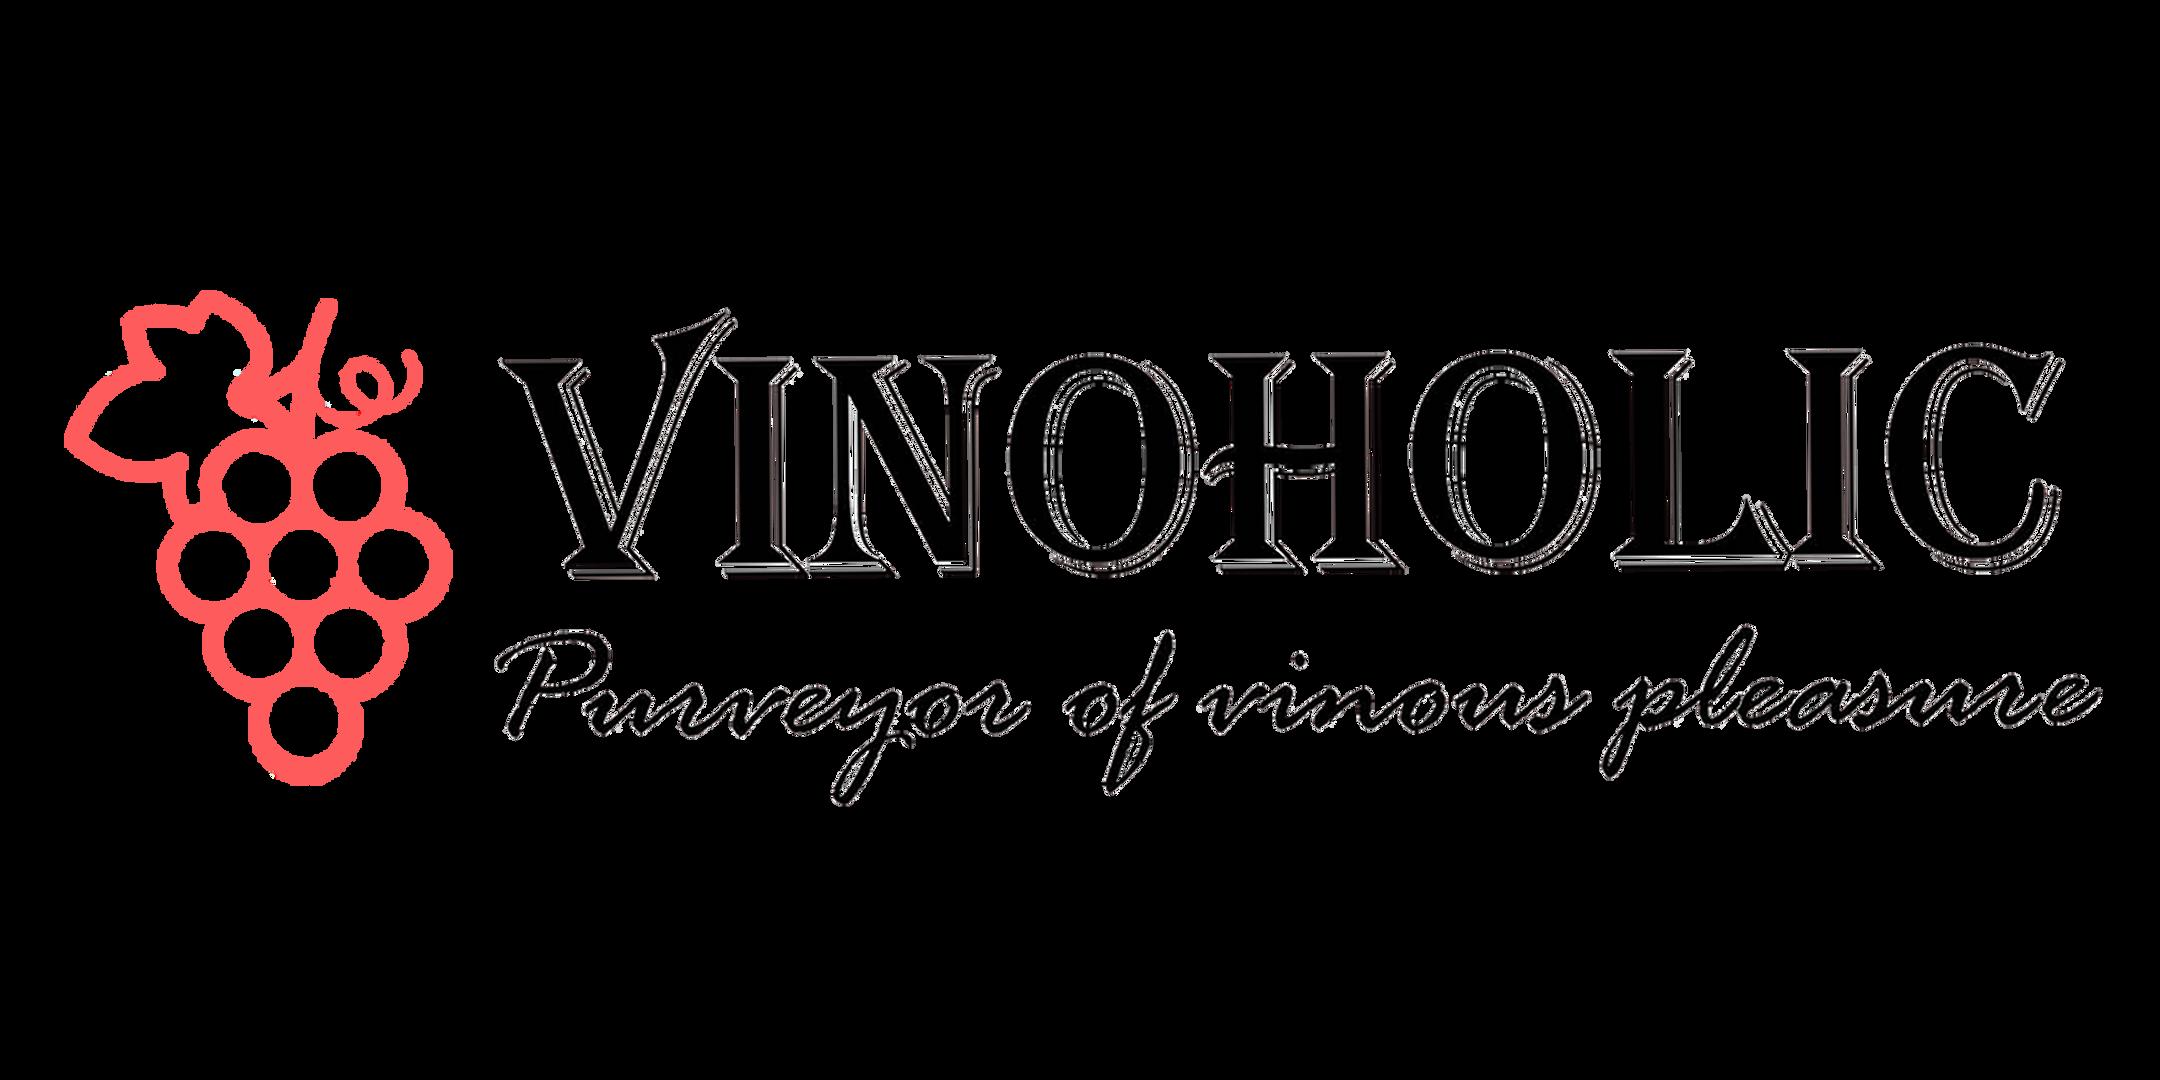 Vinoholic.png